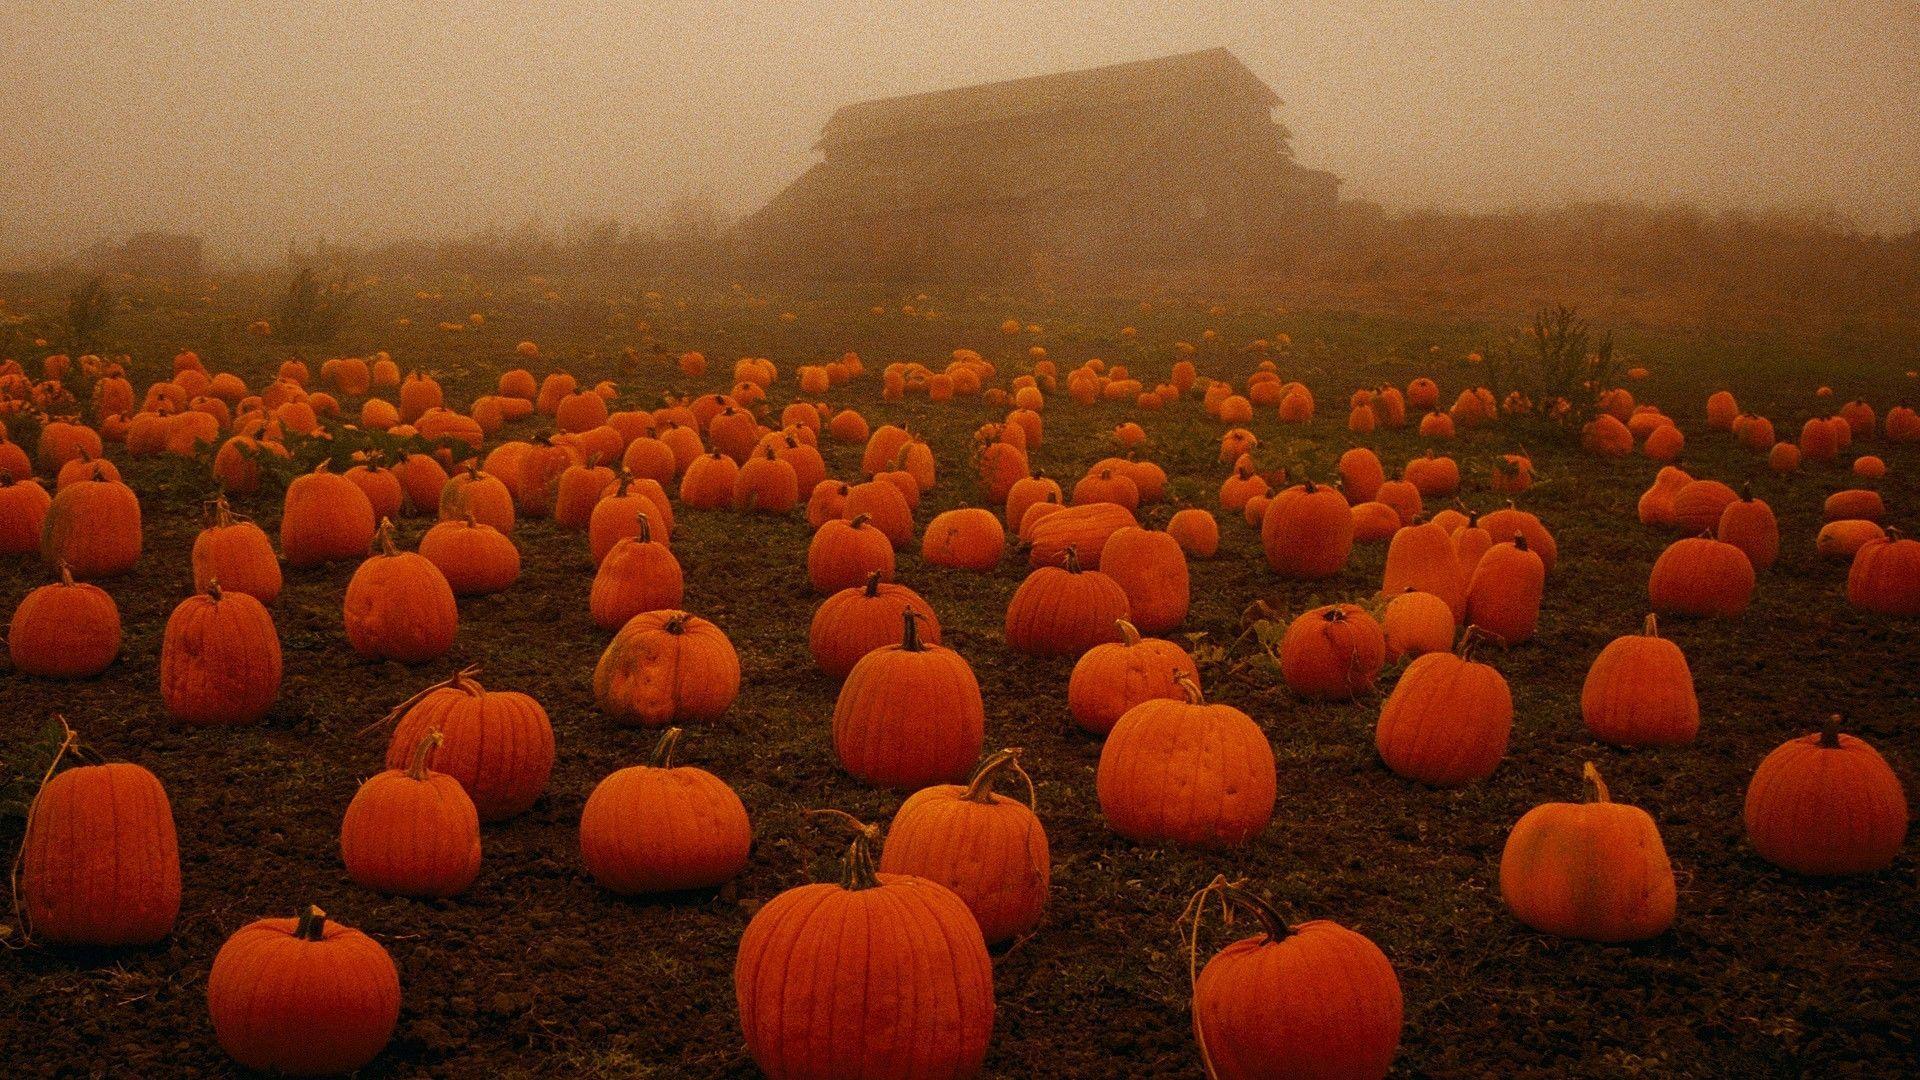 Fall pumpkin wallpapers top free fall pumpkin backgrounds wallpaperaccess - Fall wallpaper pumpkins ...